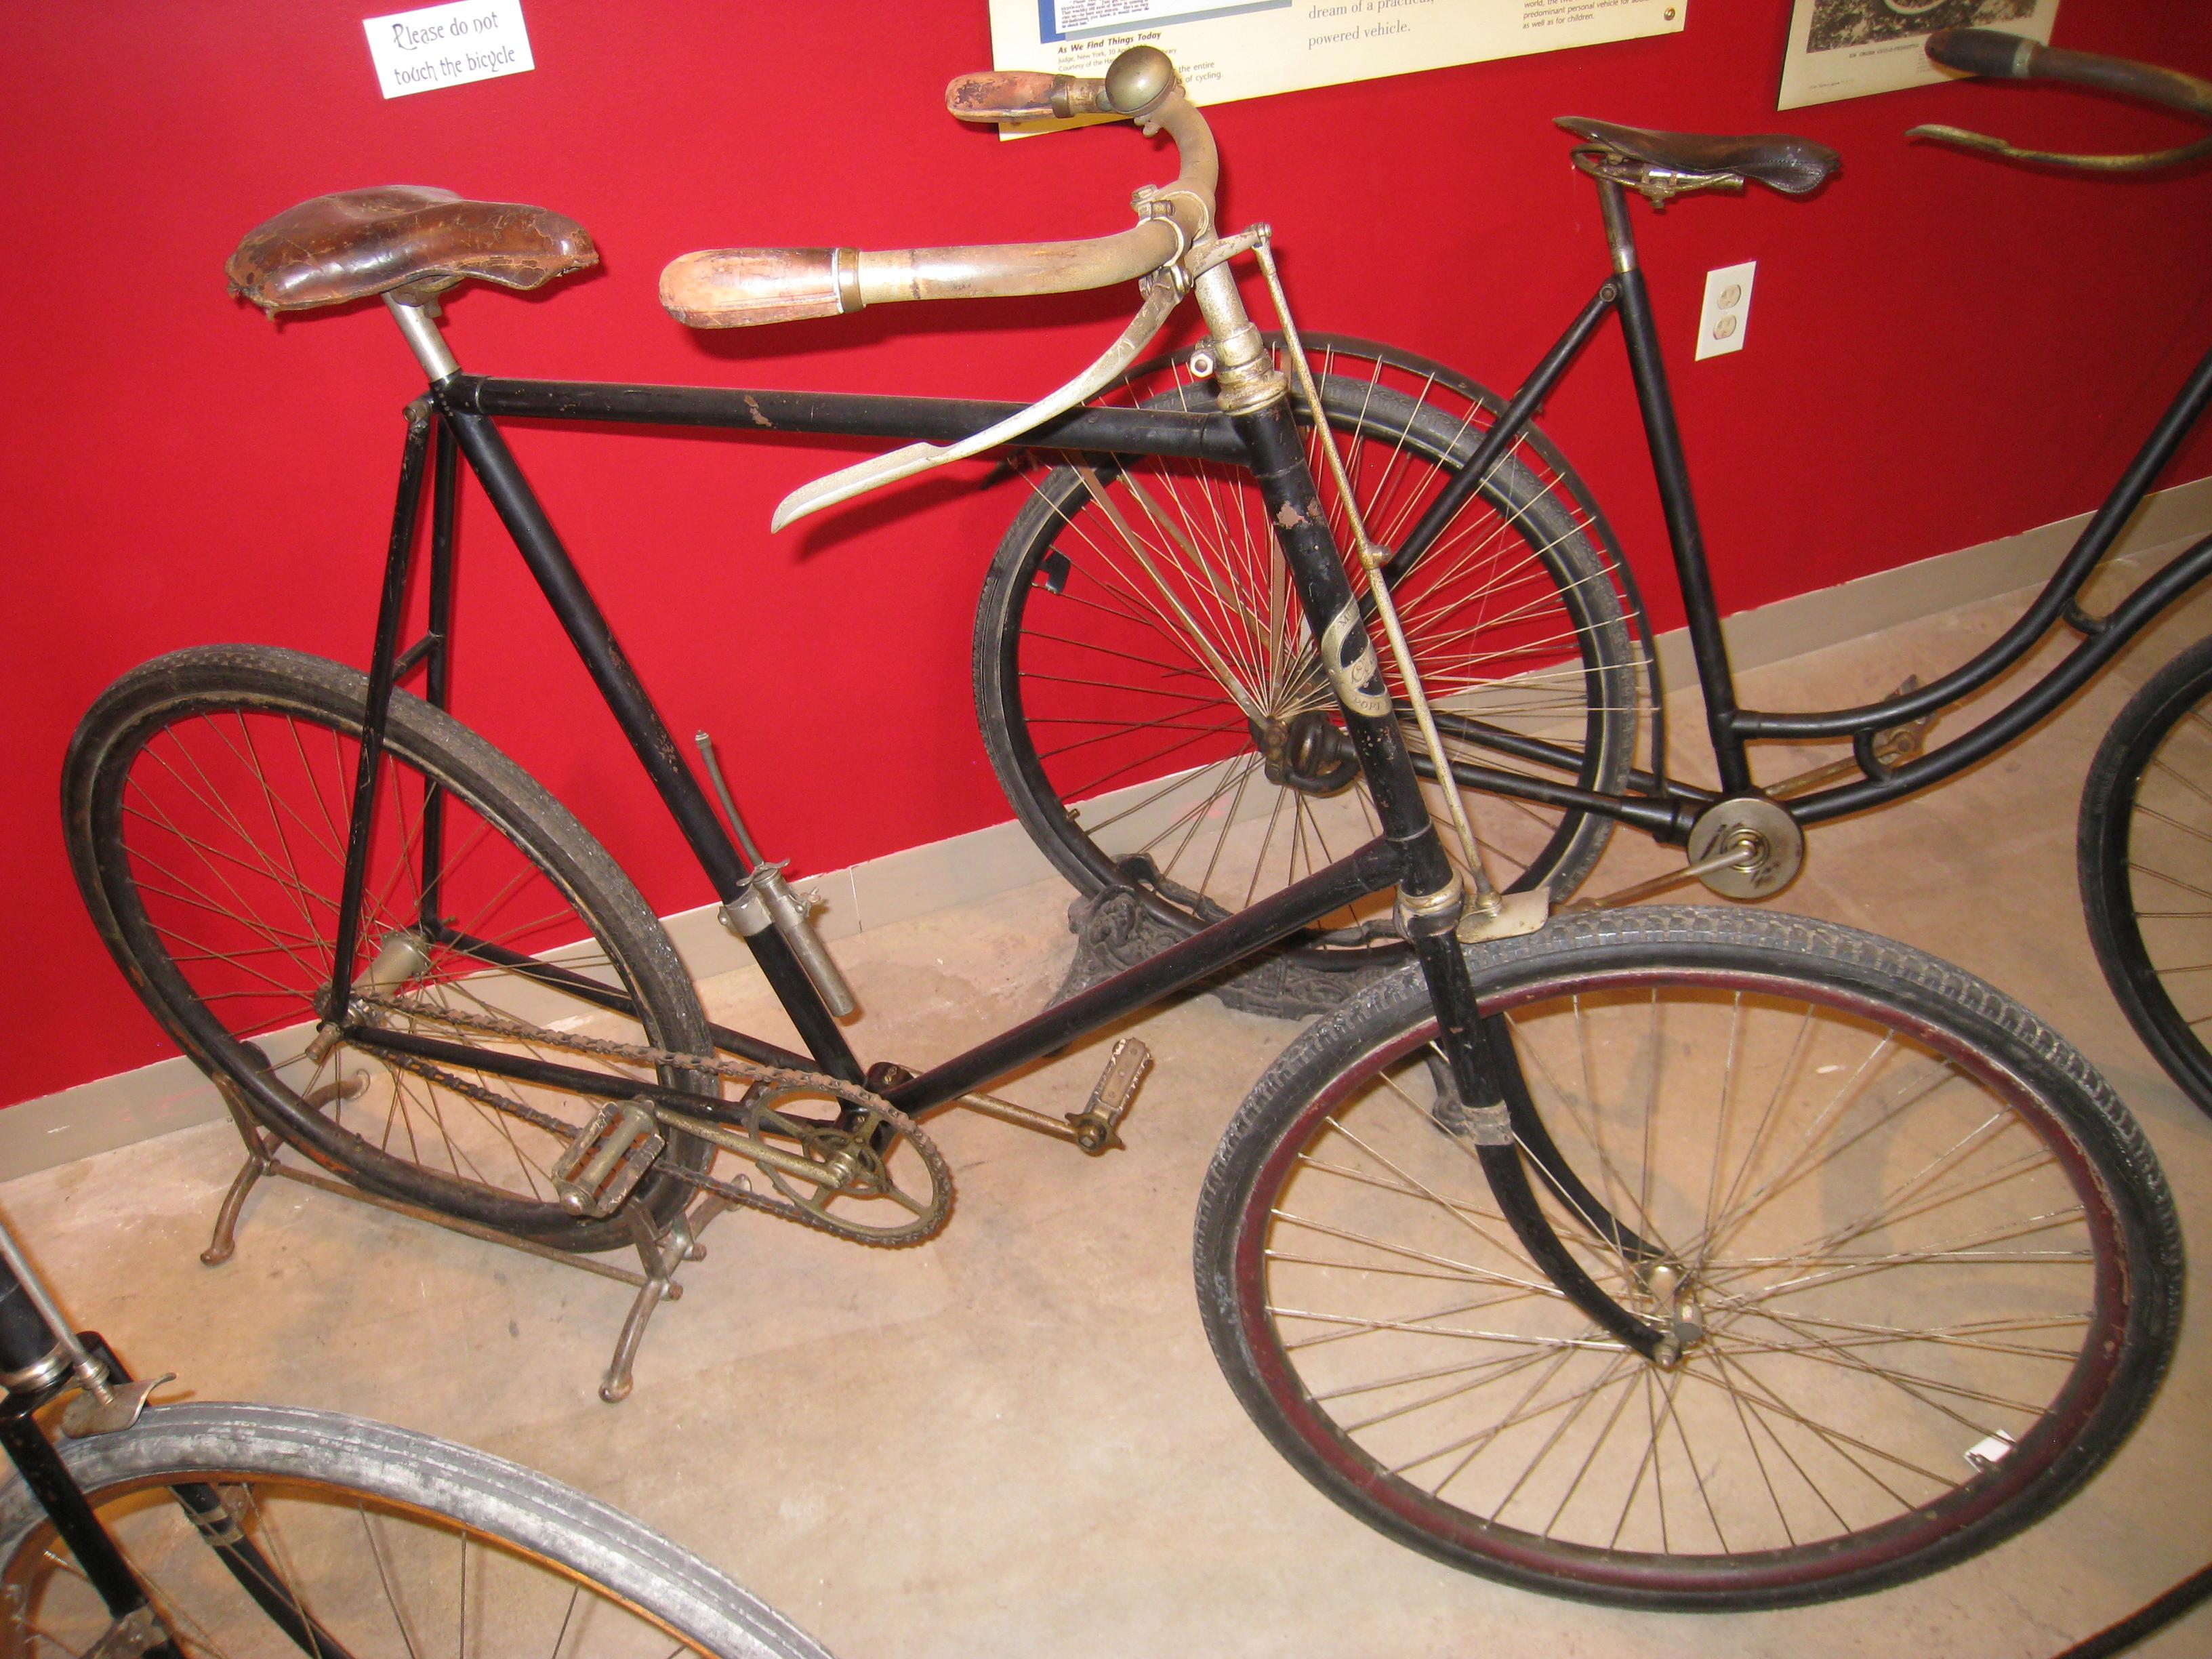 Yale vintage bicycles agree